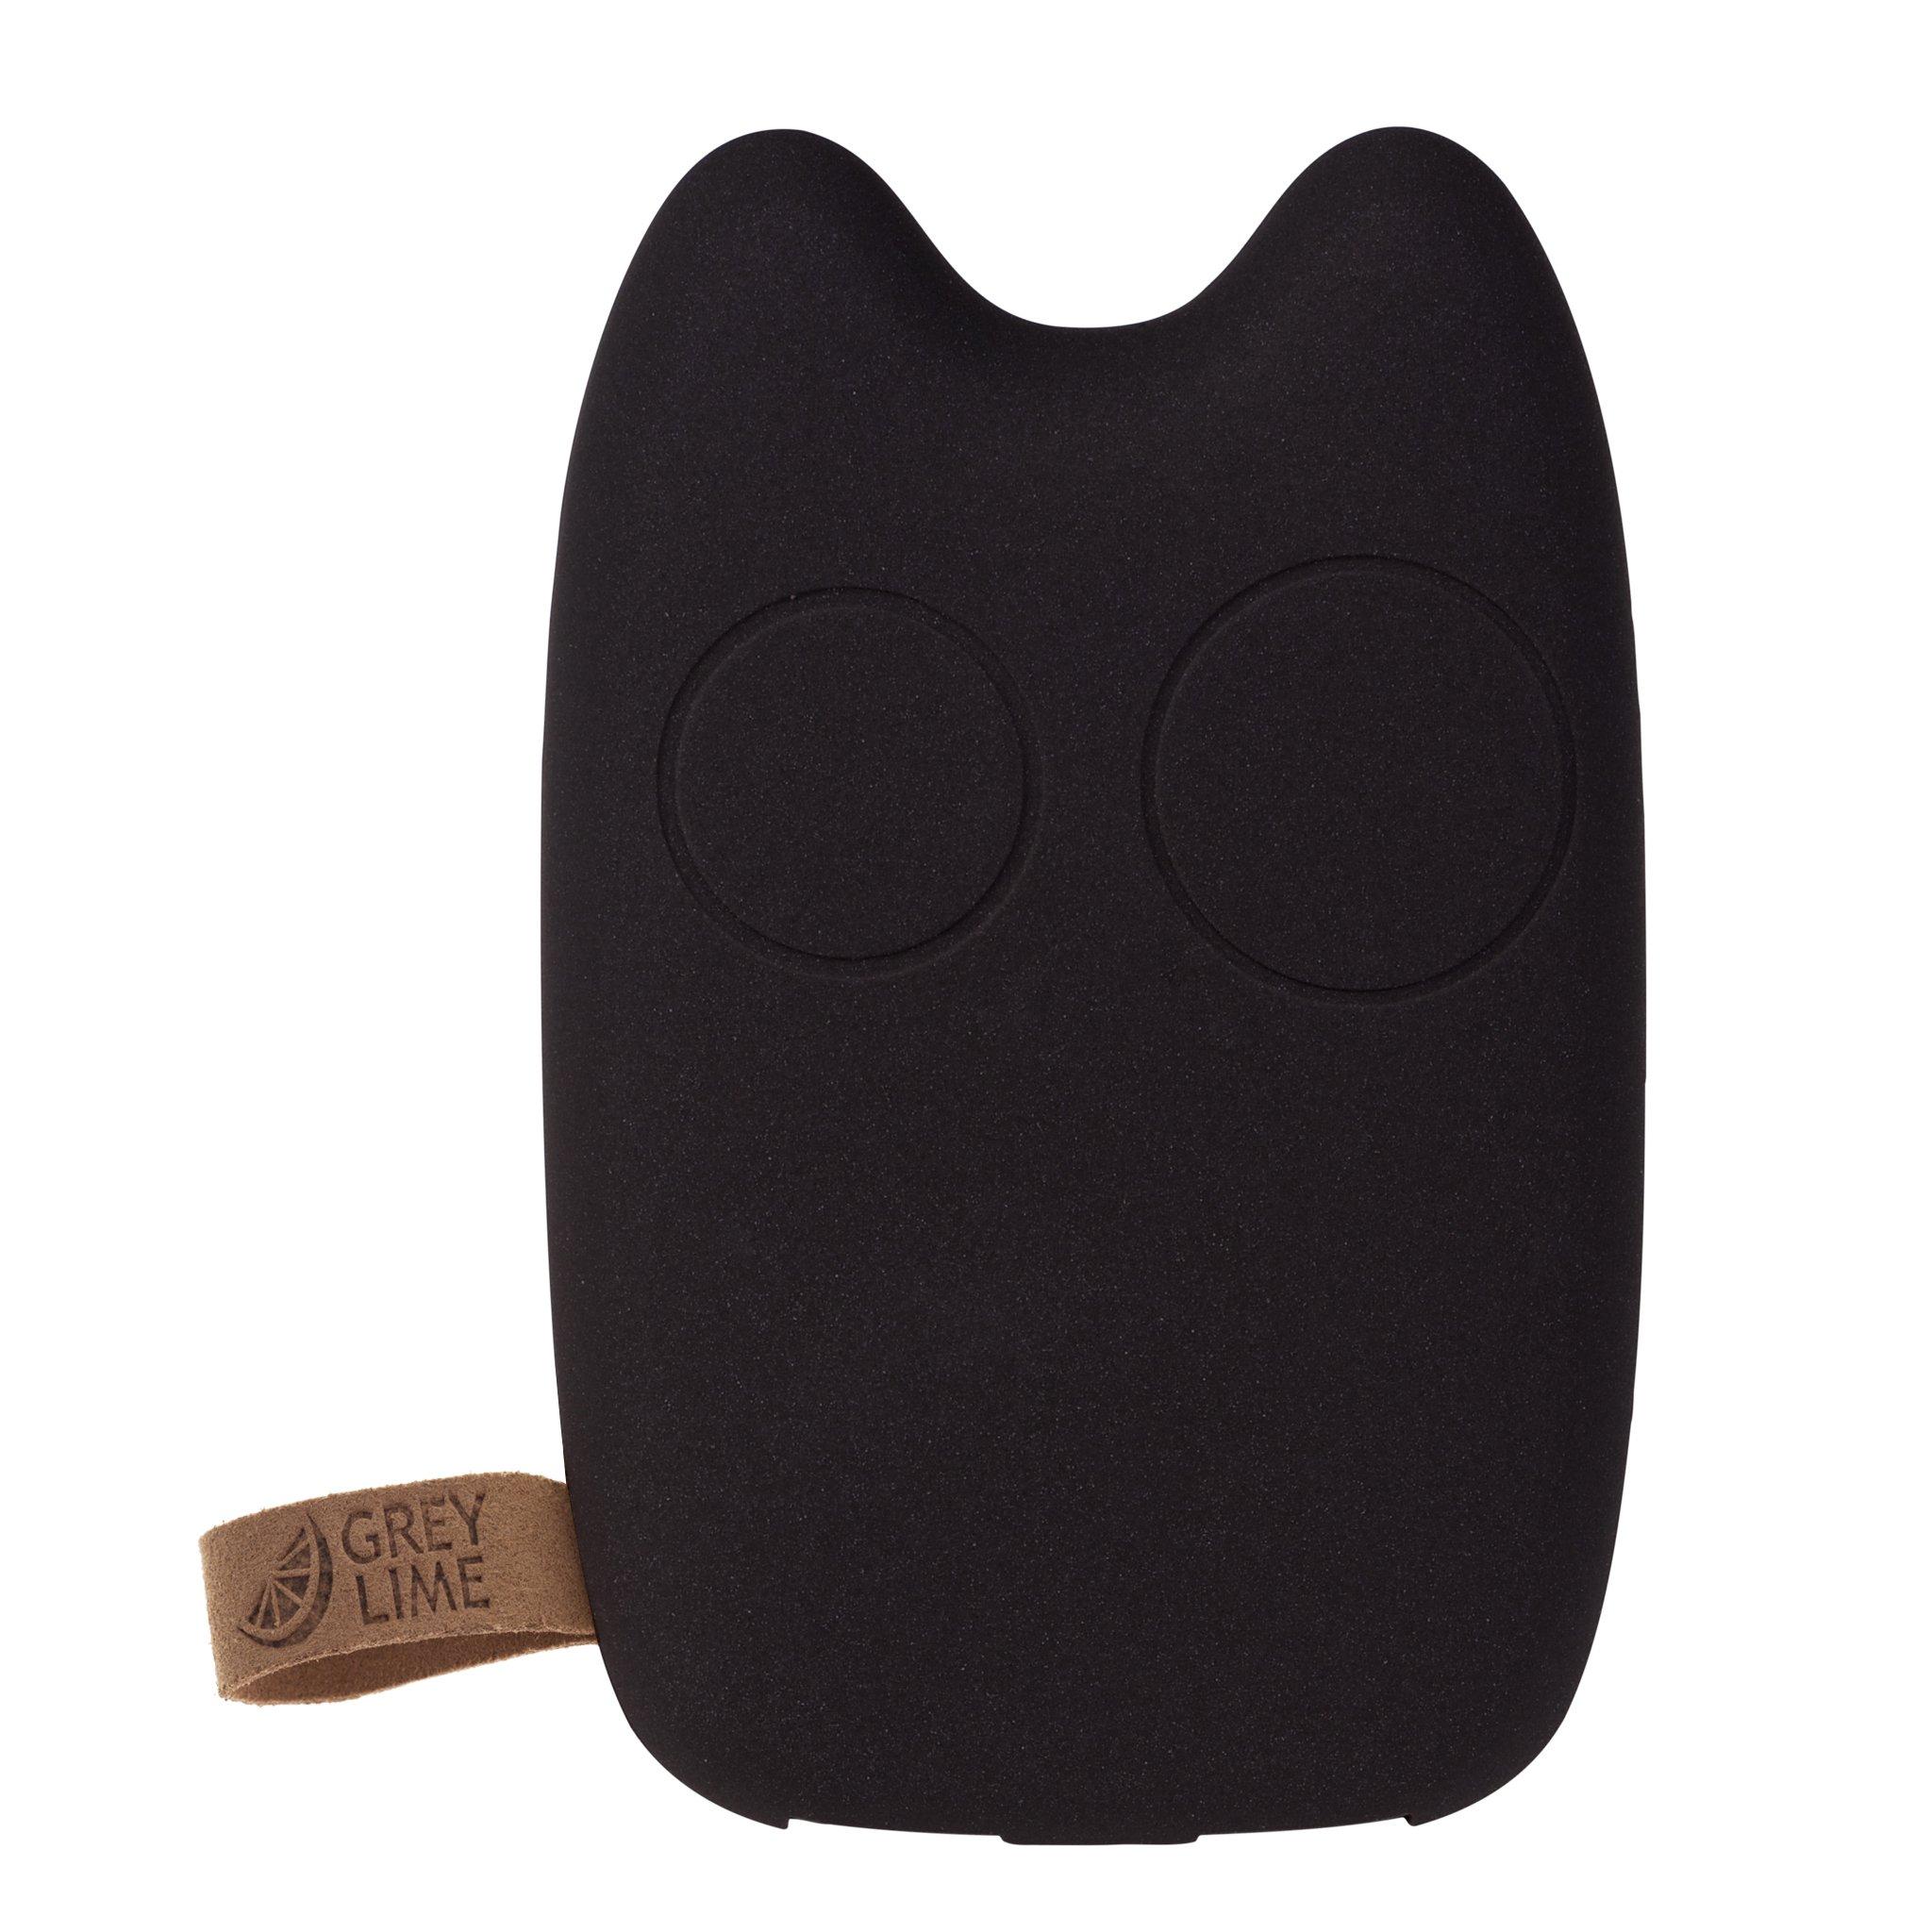 Billede af GreyLime Power Owl 7800 mAh - Sortbrun